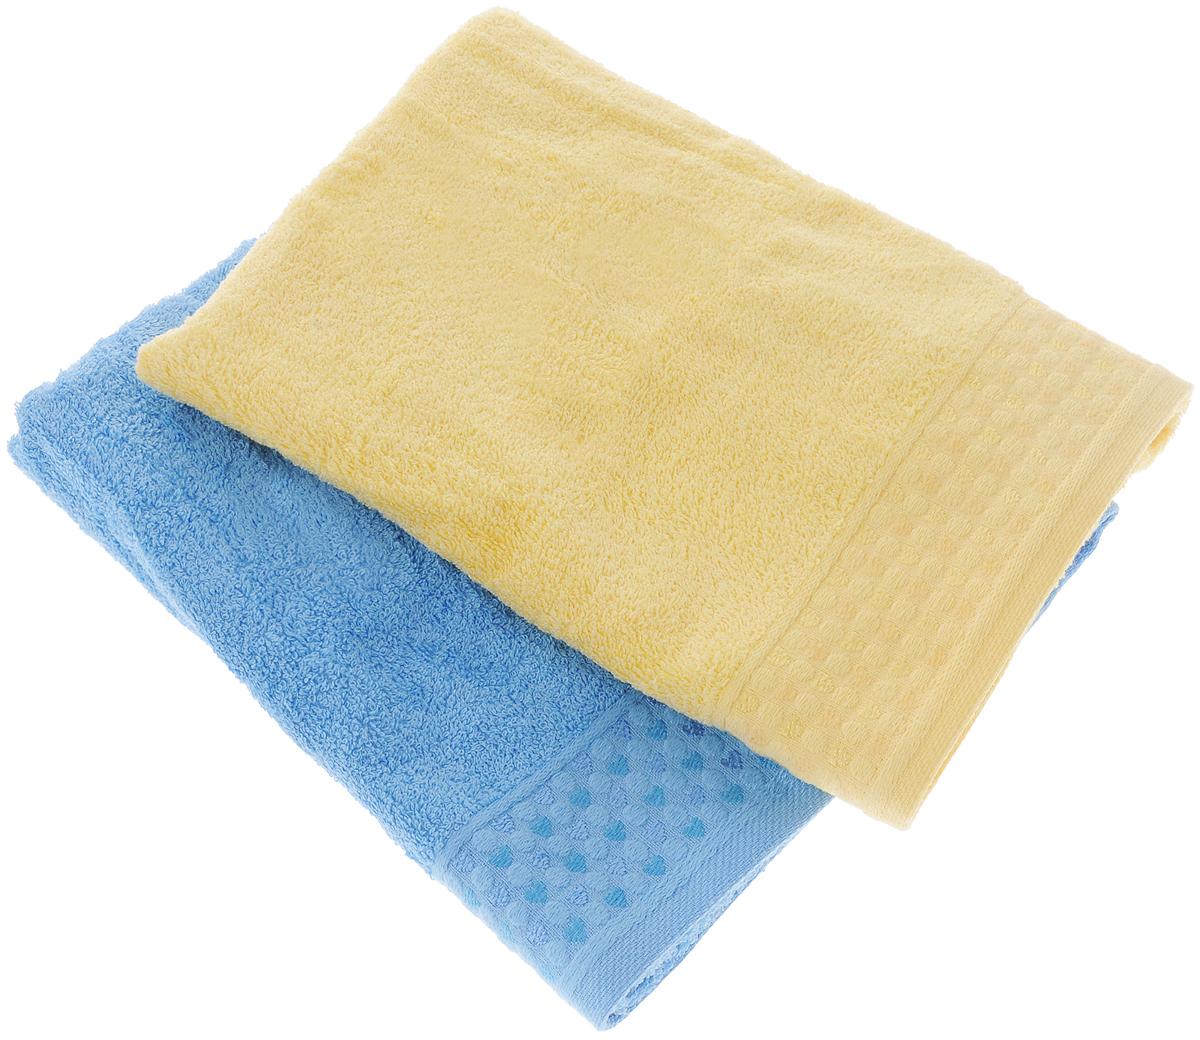 Набор полотенец Tete-a-Tete Сердечки, цвет: голубой, желтый, 50 х 90 см, 2 шт1004900000360Набор Tete-a-Tete Сердечки состоит из двух махровых полотенец, выполненных из натурального 100% хлопка. Бордюр полотенец декорирован рисунком сердечек. Изделия мягкие, отлично впитывают влагу, быстро сохнут, сохраняют яркость цвета и не теряют форму даже после многократных стирок. Полотенца Tete-a-Tete Сердечки очень практичны и неприхотливы в уходе. Они легко впишутся в любой интерьер благодаря своей нежной цветовой гамме. Набор упакован в красивую коробку и может послужить отличной идеей для подарка.Размер полотенец: 50 х 90 см.